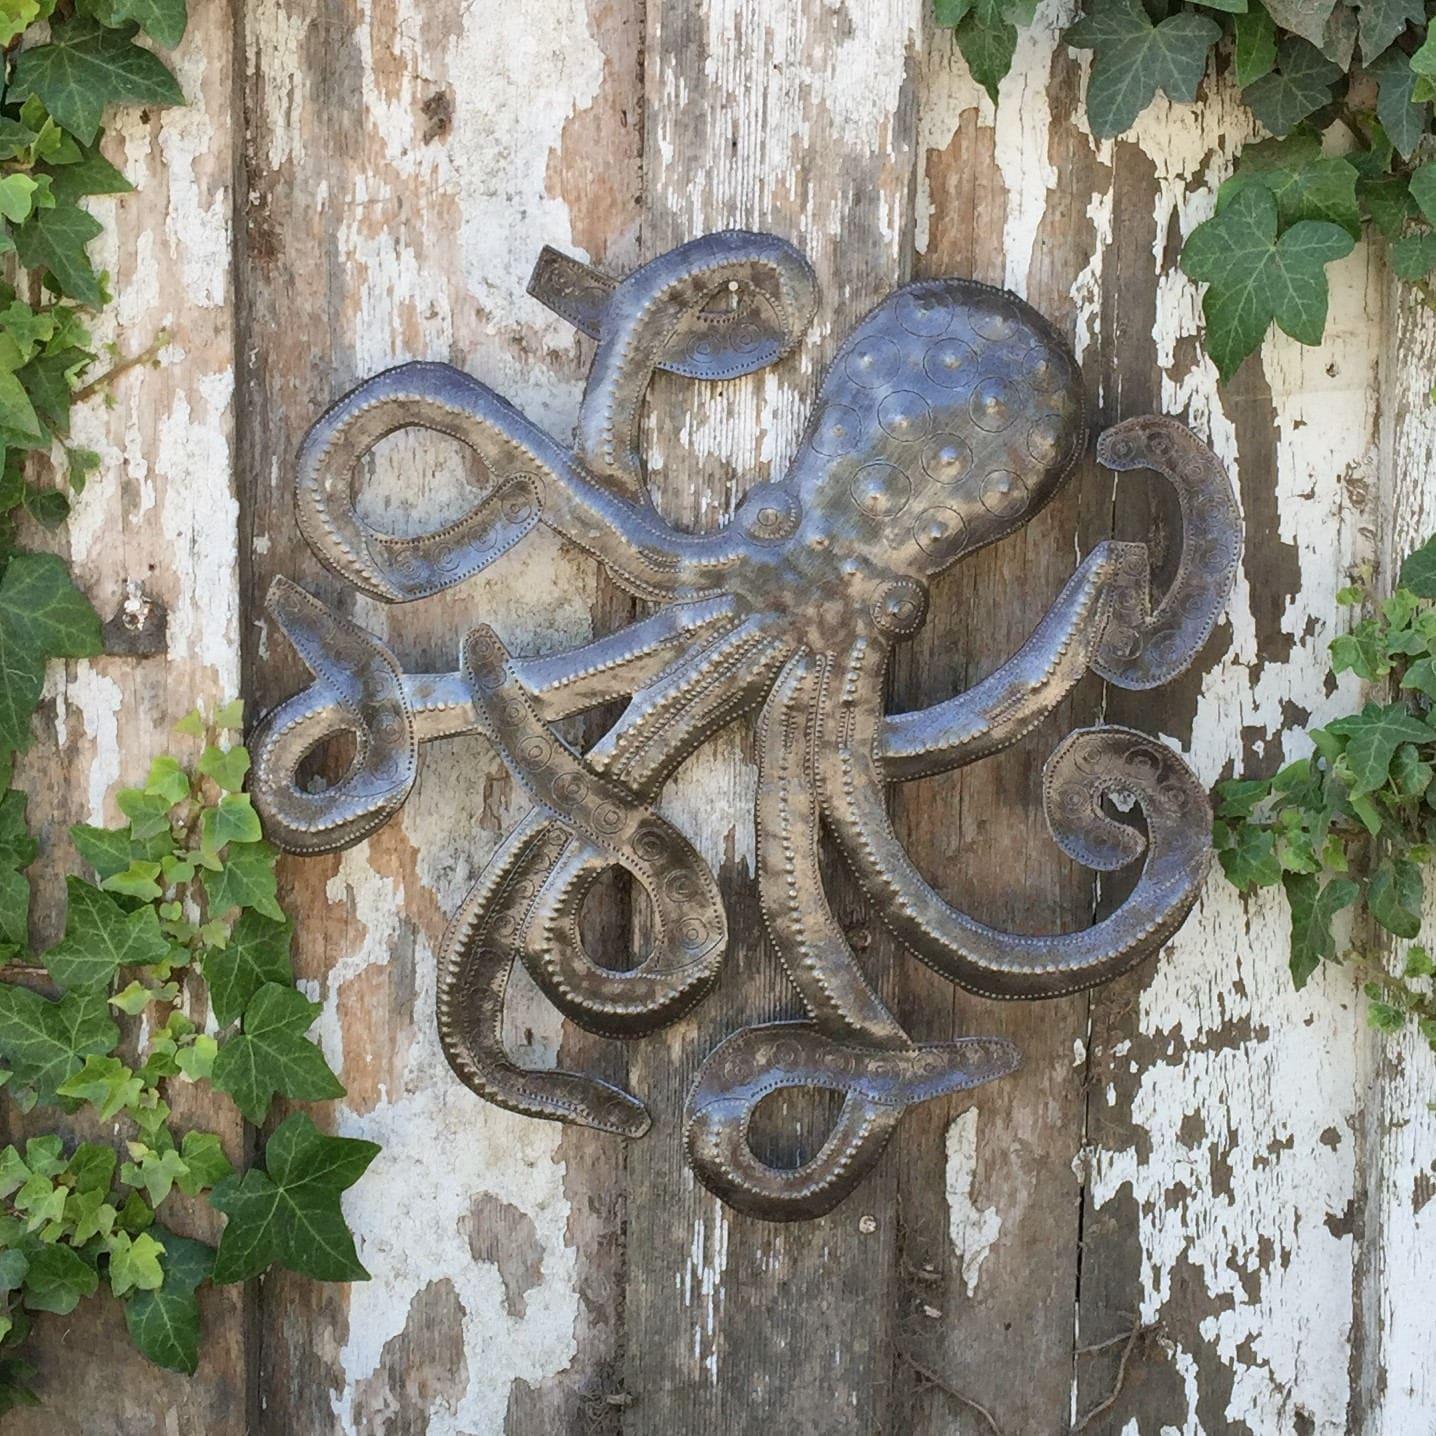 octopus sculpture recycled metal ocean wall art haitian art indoor outdoor 14x 14. Black Bedroom Furniture Sets. Home Design Ideas